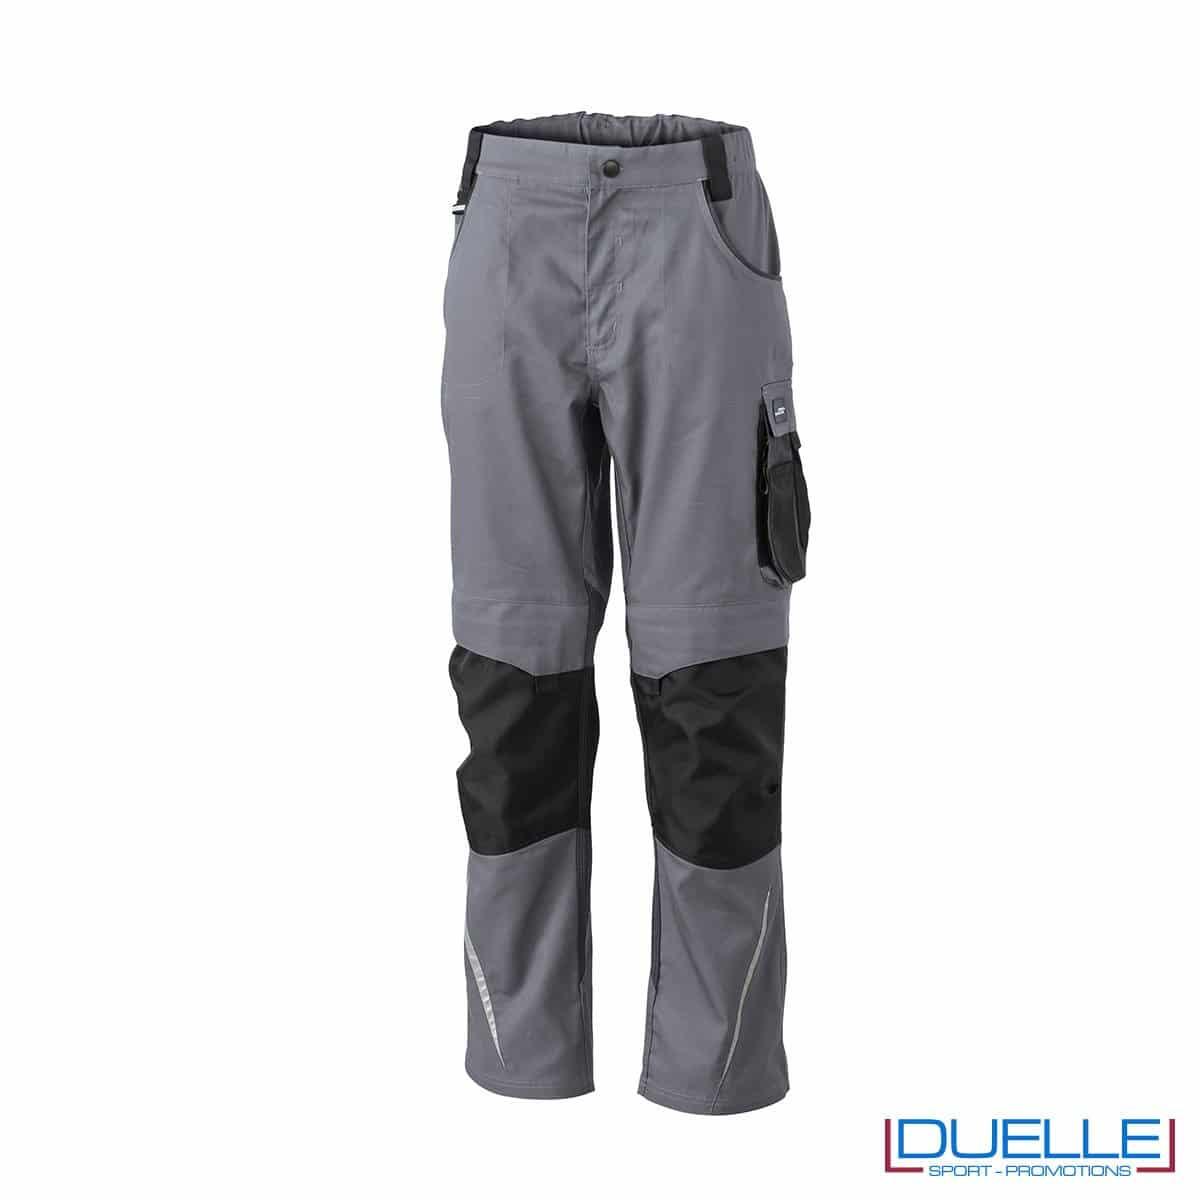 Pantalone professionale personalizzato in colore grigio antracite